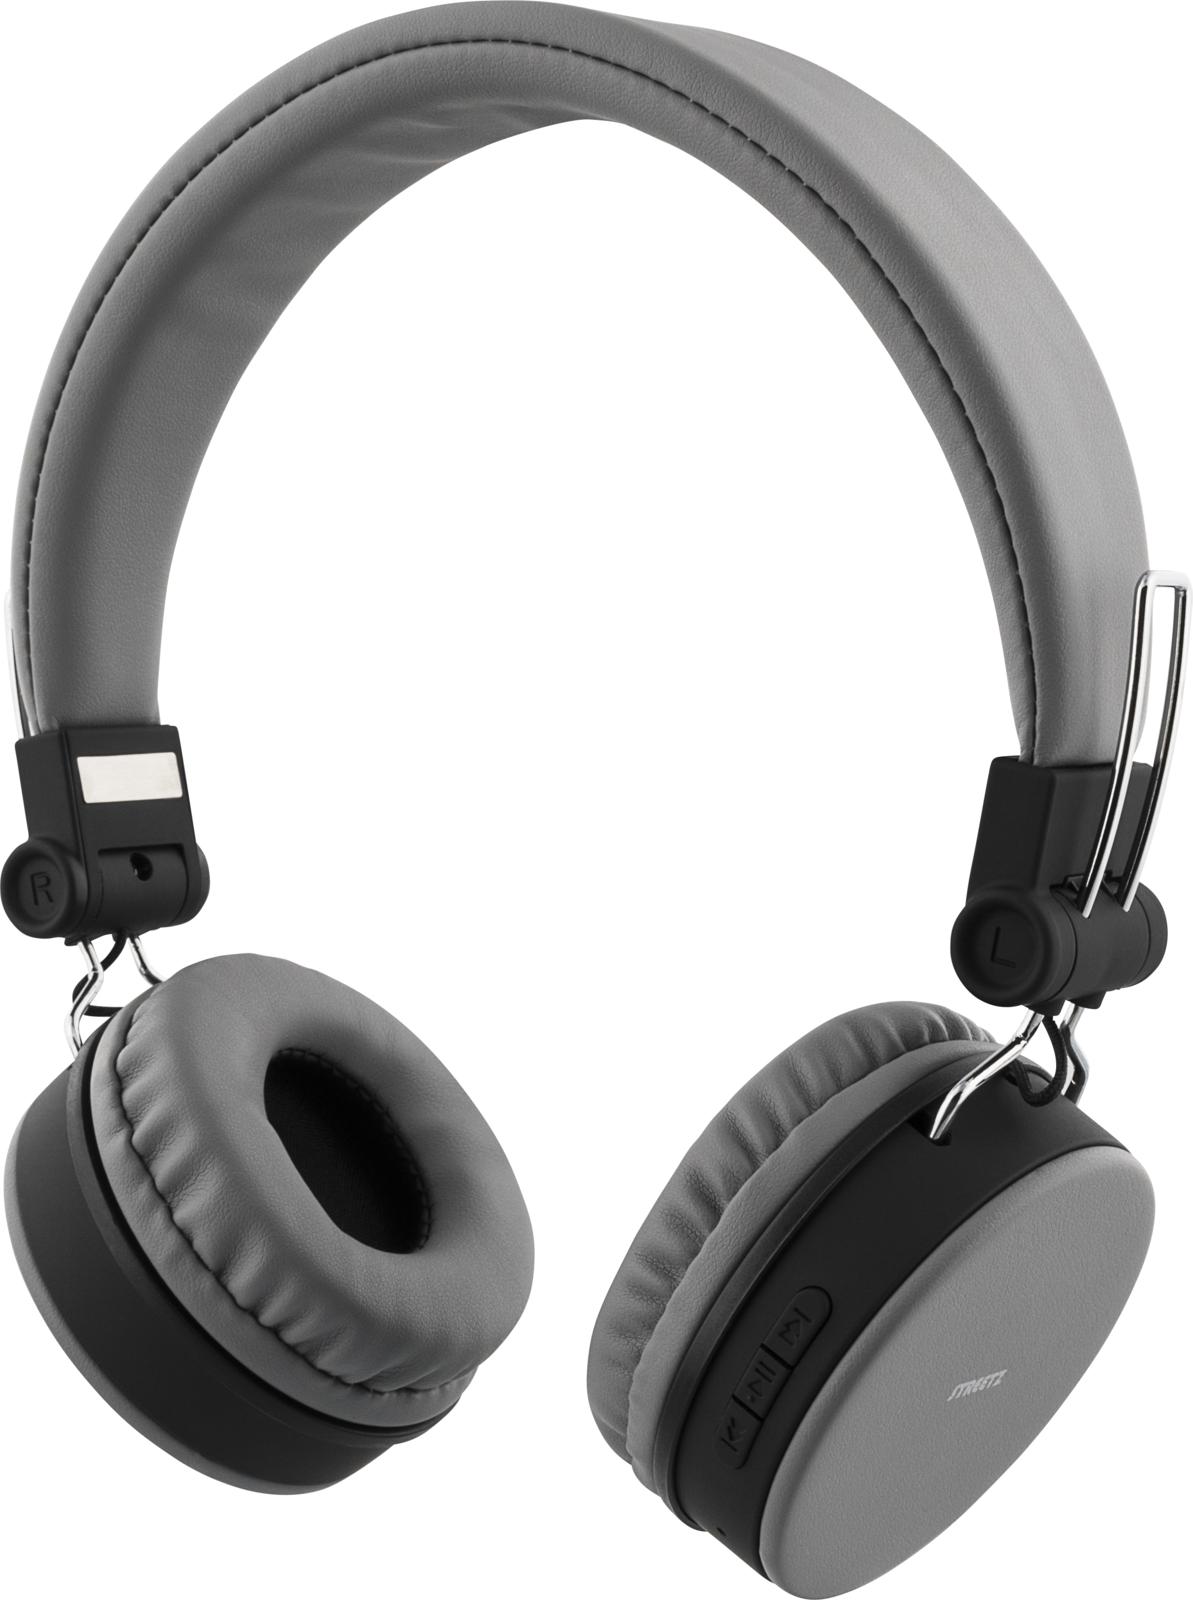 Köp Streetz Headset med Bluetooth - iPhonebutiken.se 1d89106a53b03